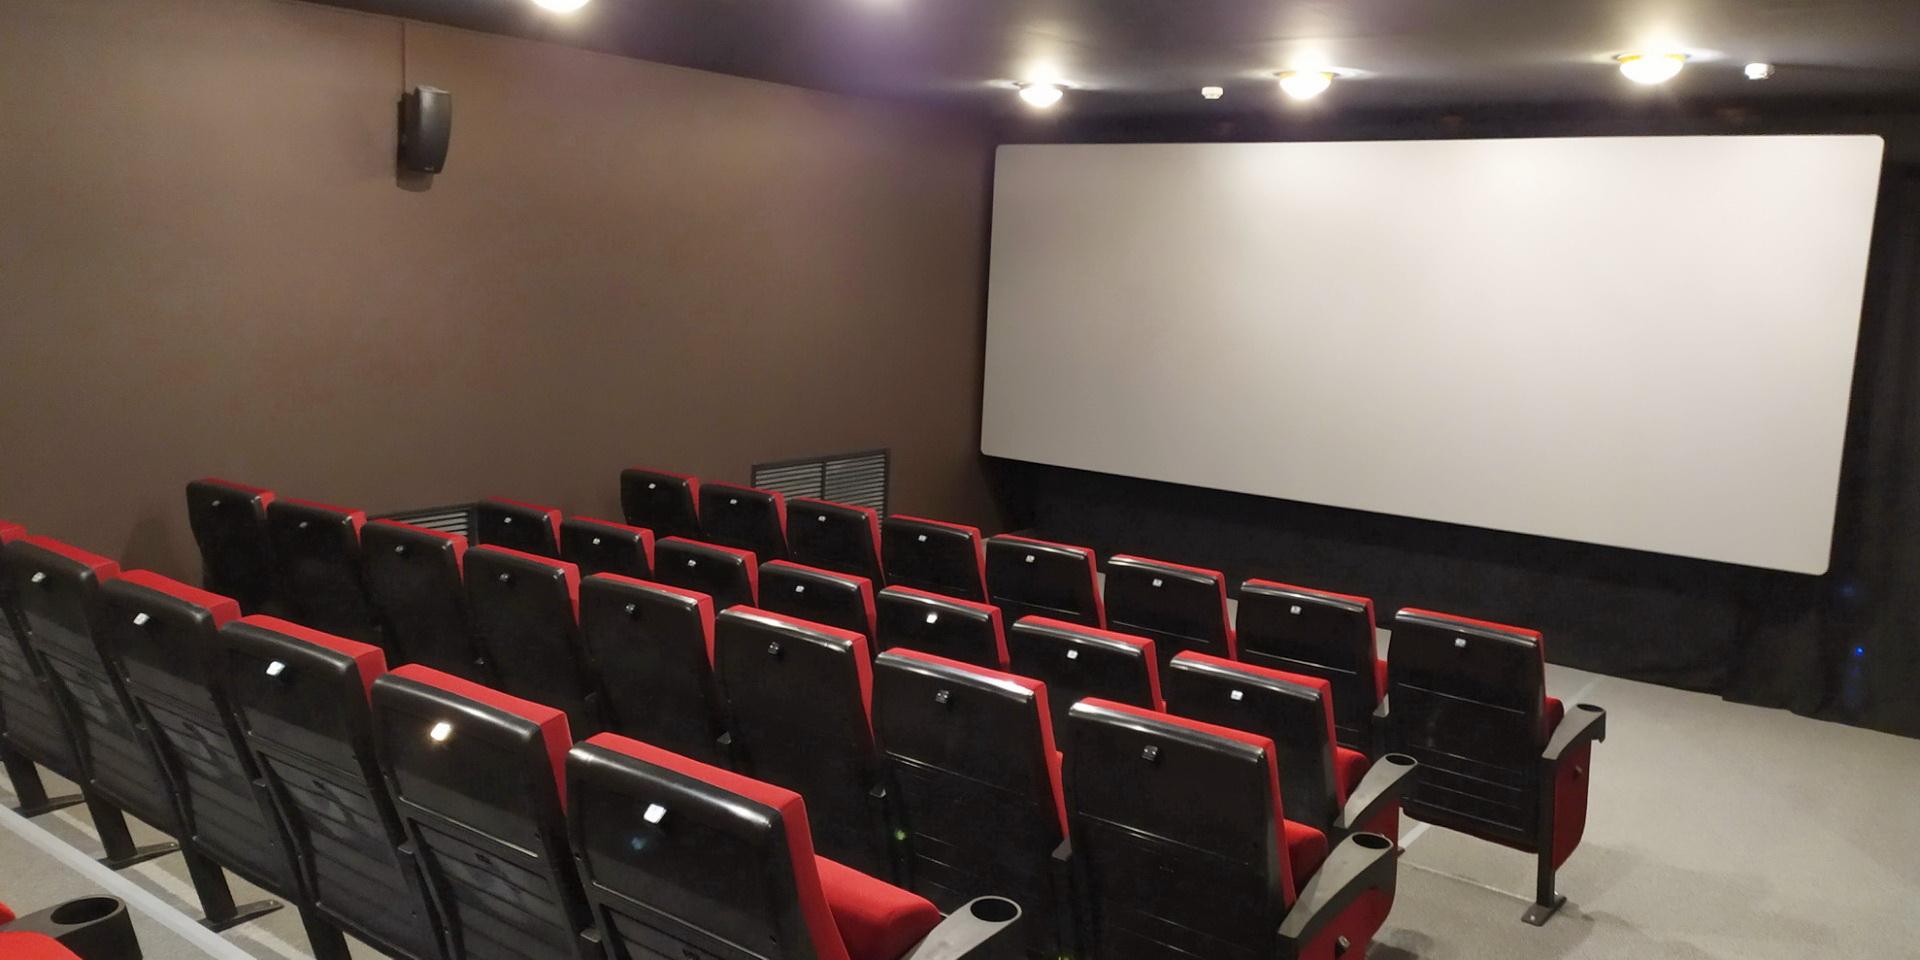 До конца 2020 года в Шуе откроют кинотеатр с двумя залами